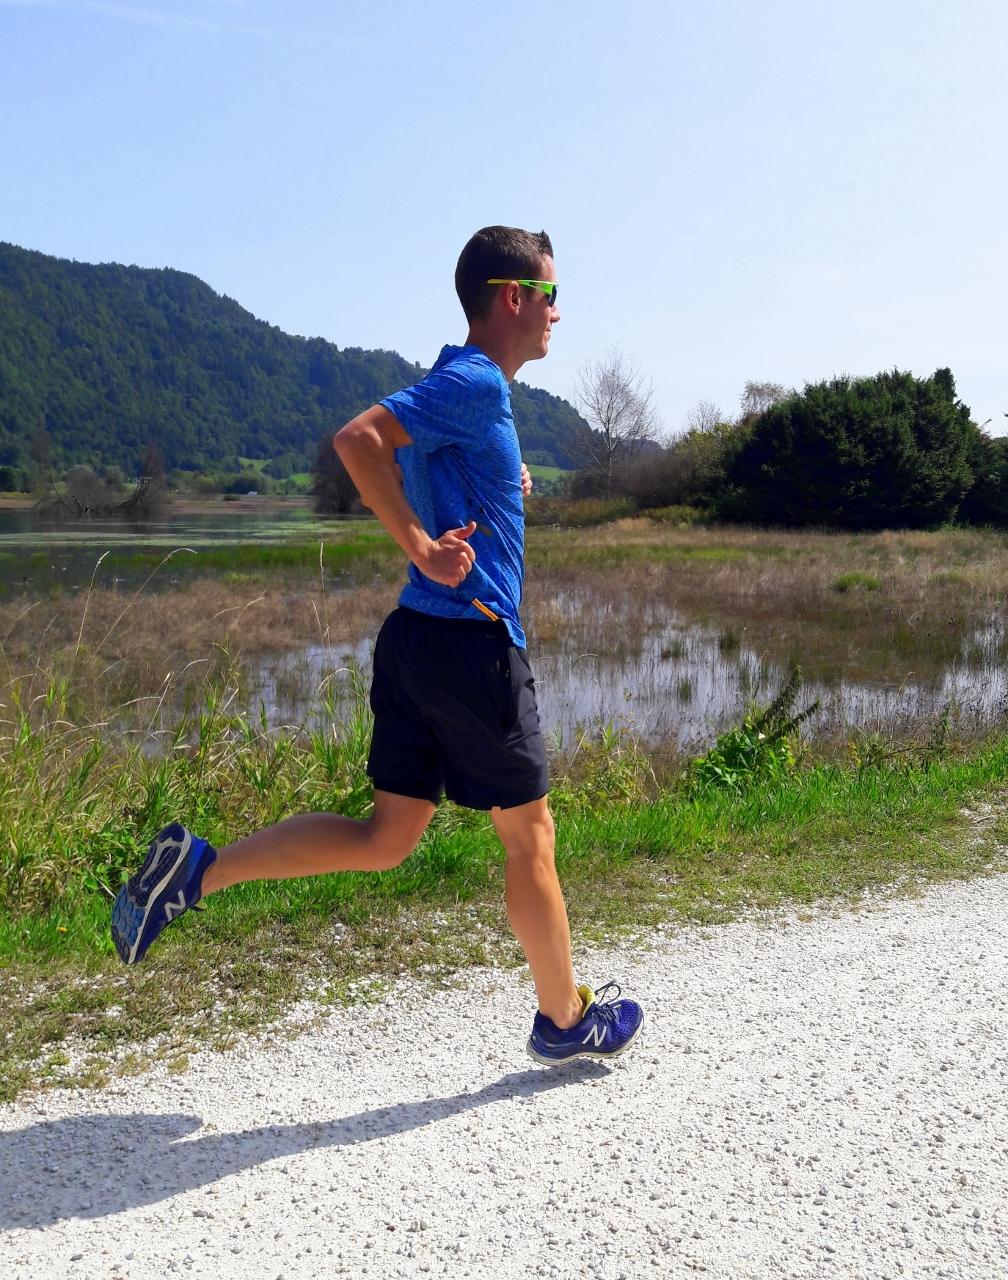 Kärnten Marathon punktet mit Natürlichkeit